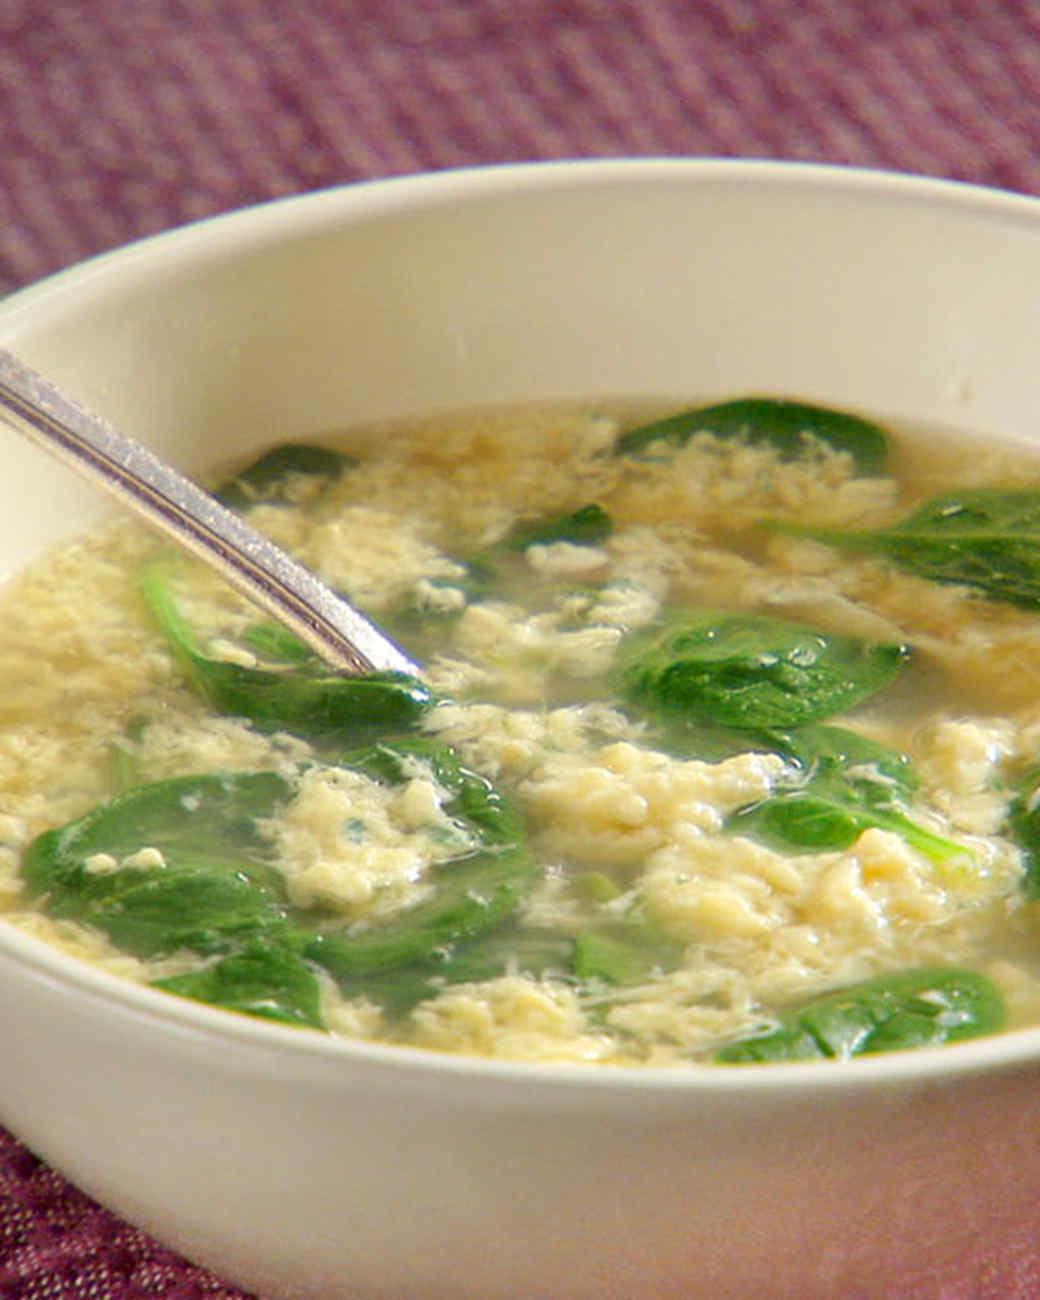 mh_1114_stracciatella_soup.jpg